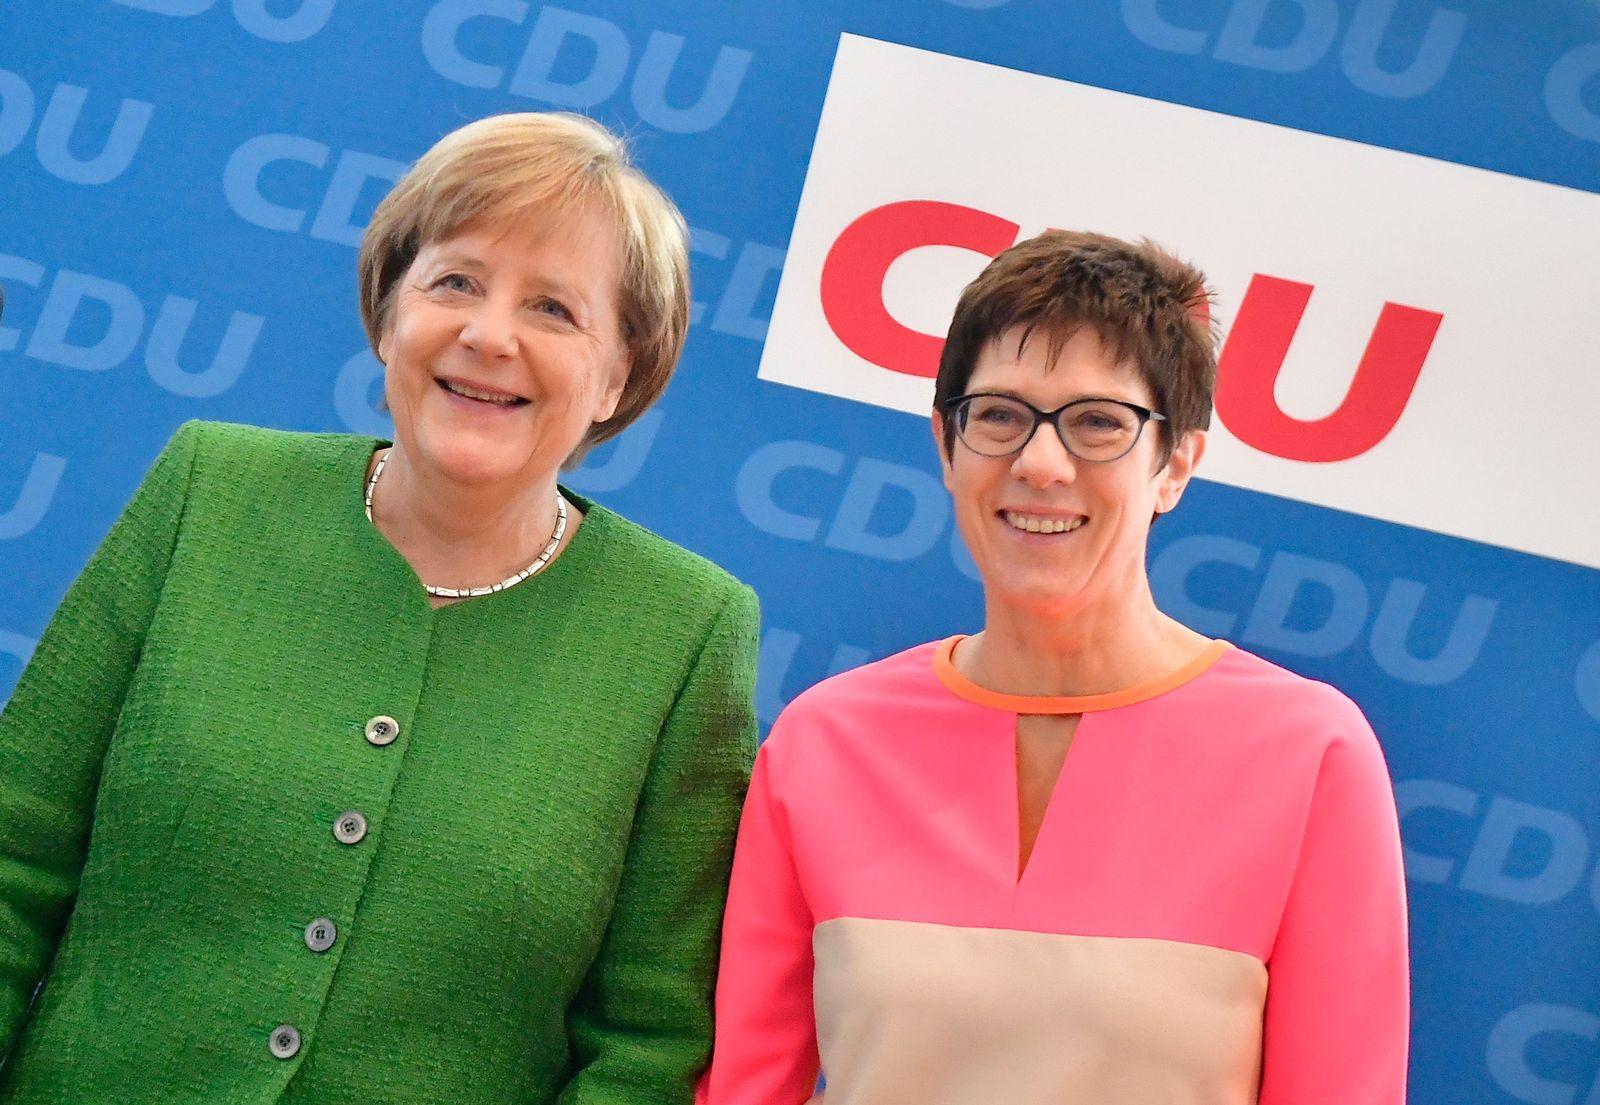 Angela Merkel / Annegret Kramp-Karrenbauer